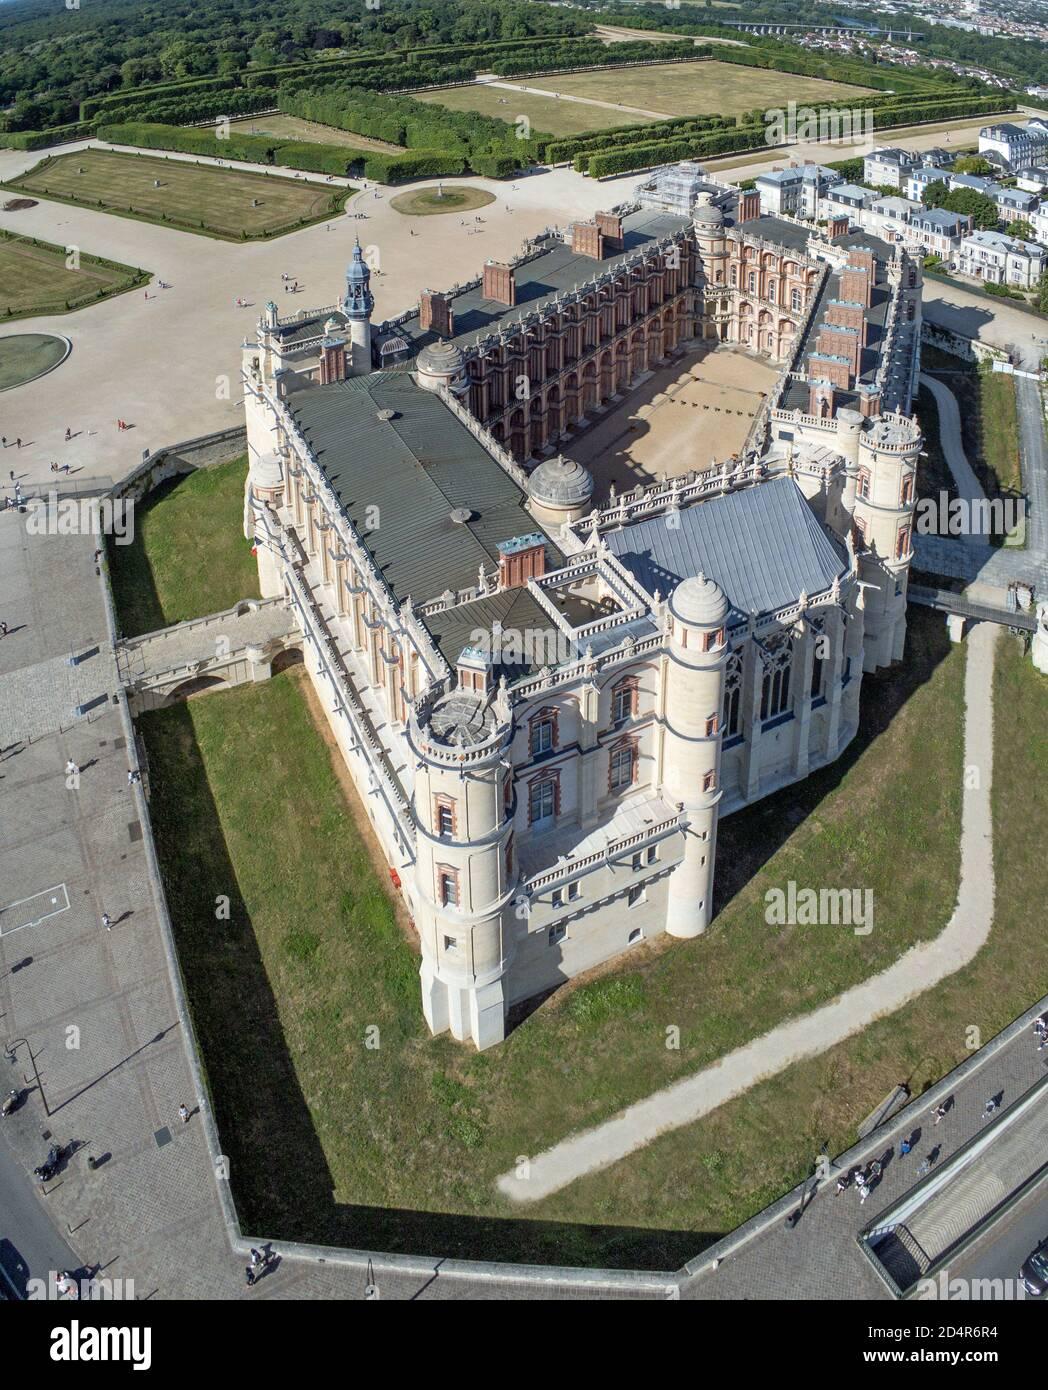 Château Neuf De Saint-germain-en-laye : château, saint-germain-en-laye, Saint, Germain, Chateau, Resolution, Stock, Photography, Images, Alamy